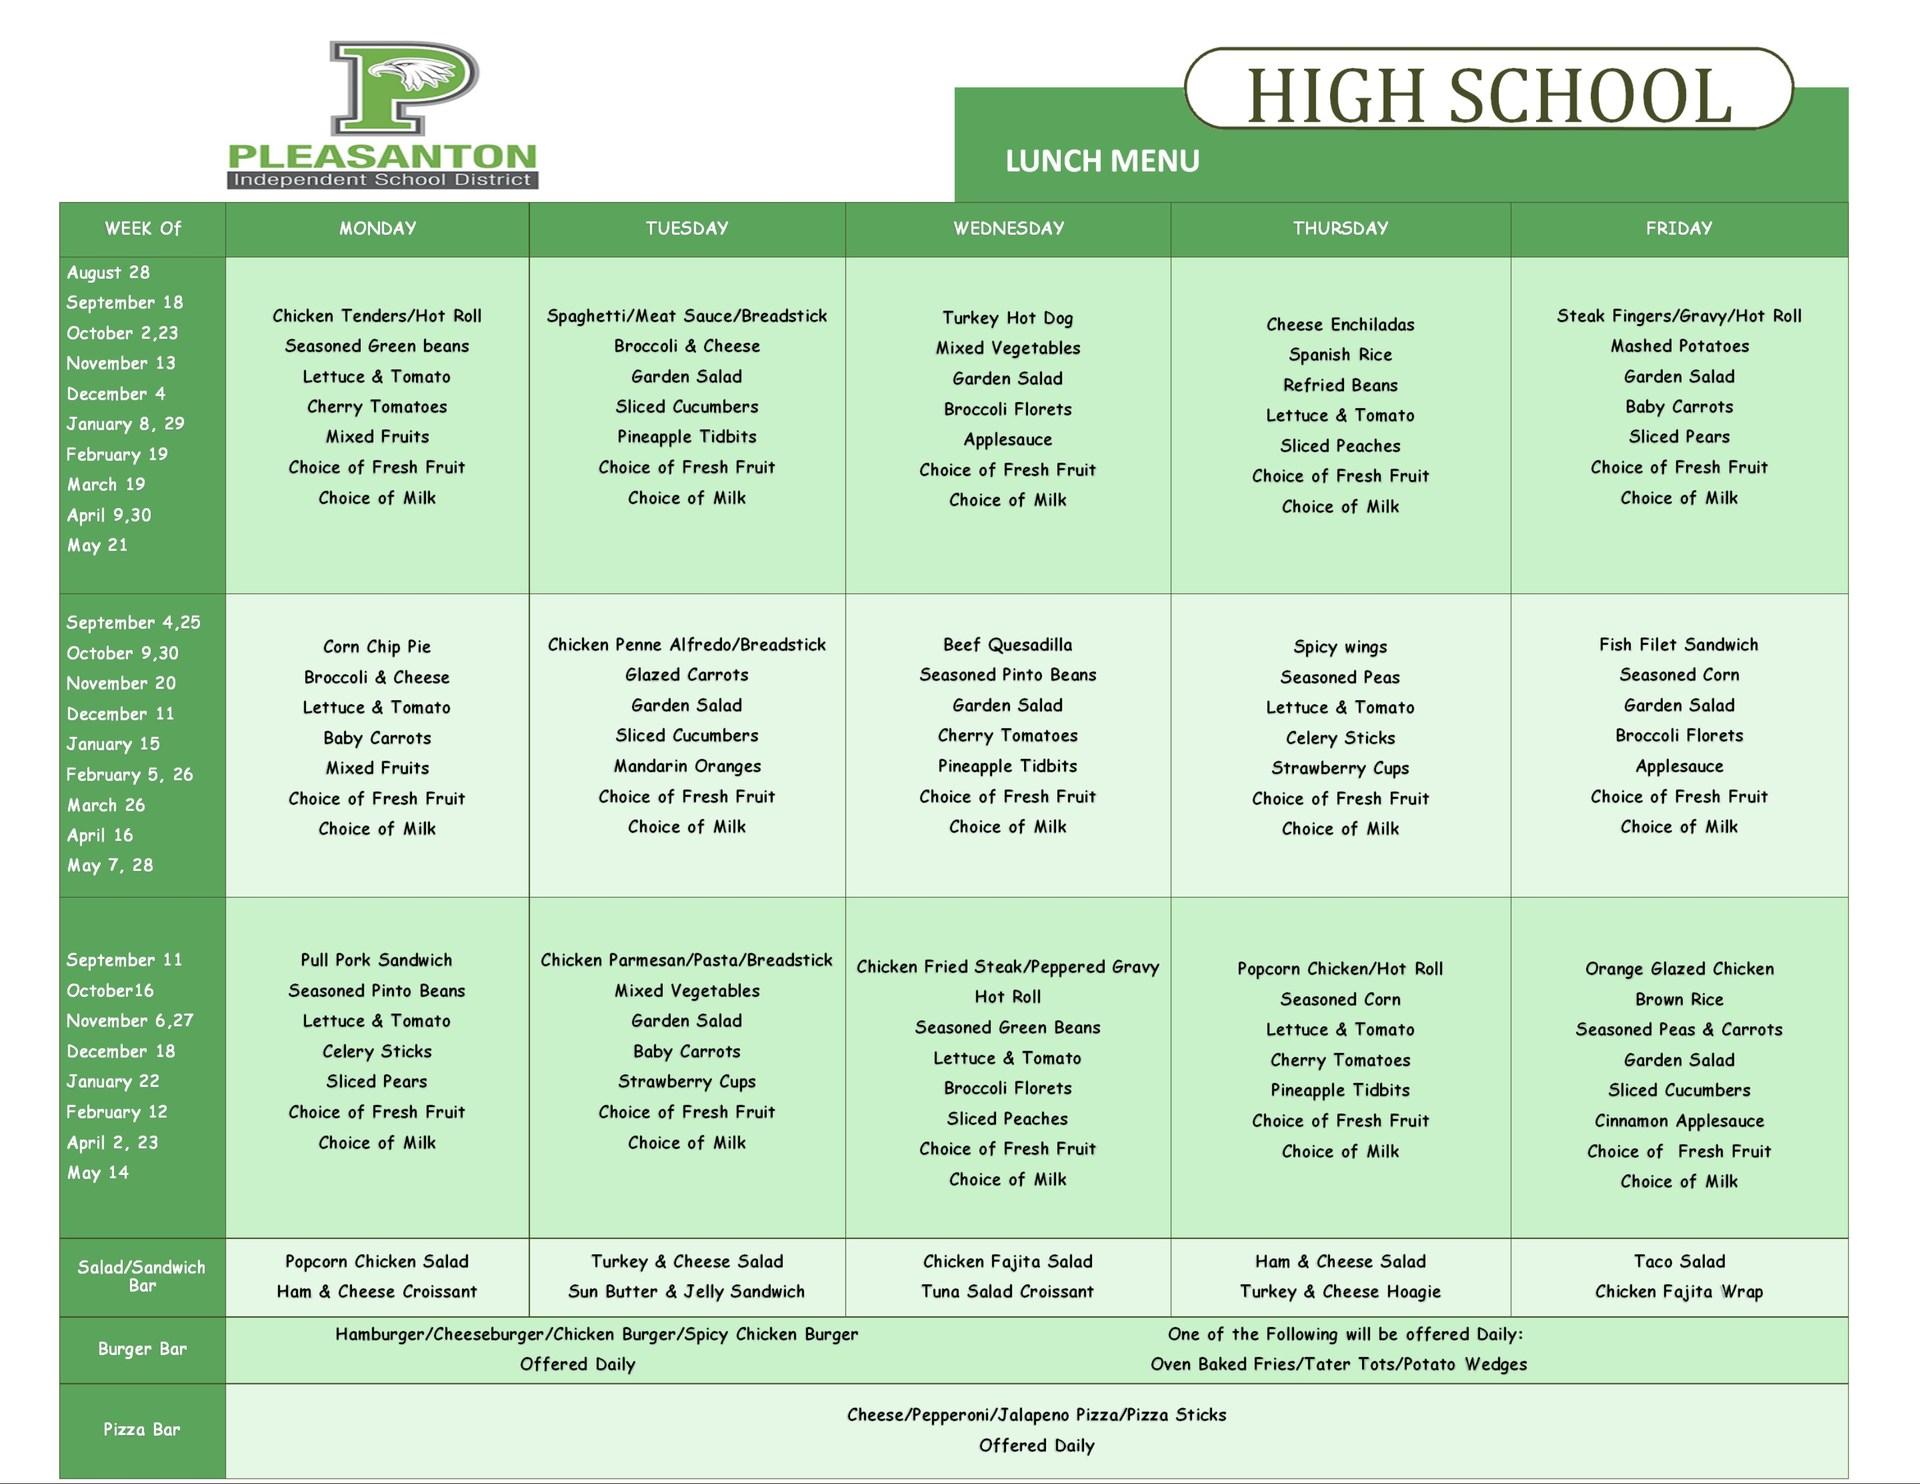 High School Lunch menu